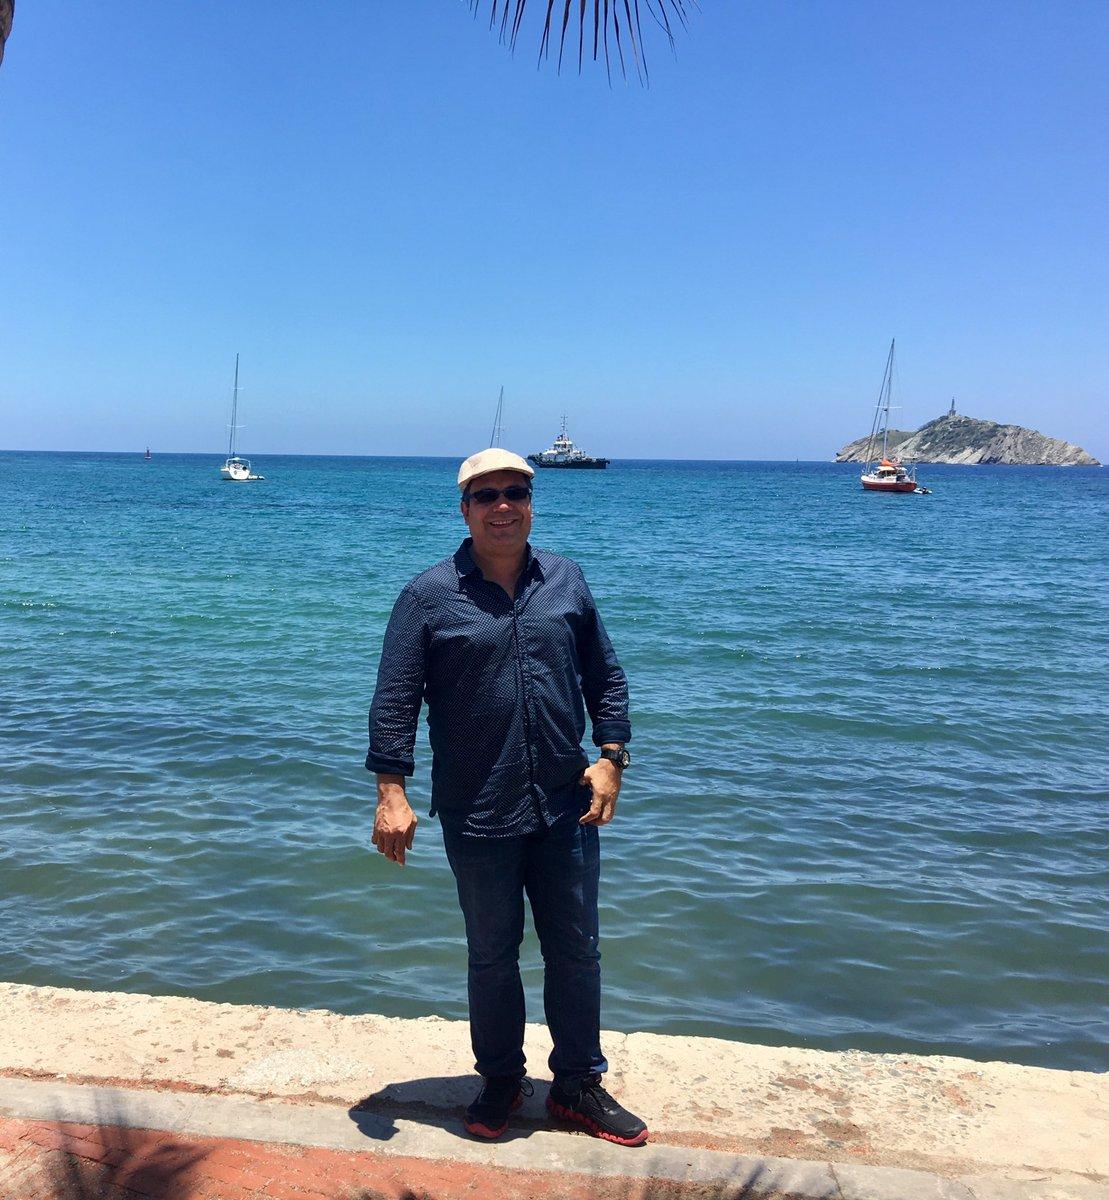 """Dos lenguas viperinas de Santa Marta acaban de dictar sentencia: """"no joda, viejo Alber, ya cuando uno se le mete al sol con camisita manga larga y boina tiene maestría en acachacamiento""""."""